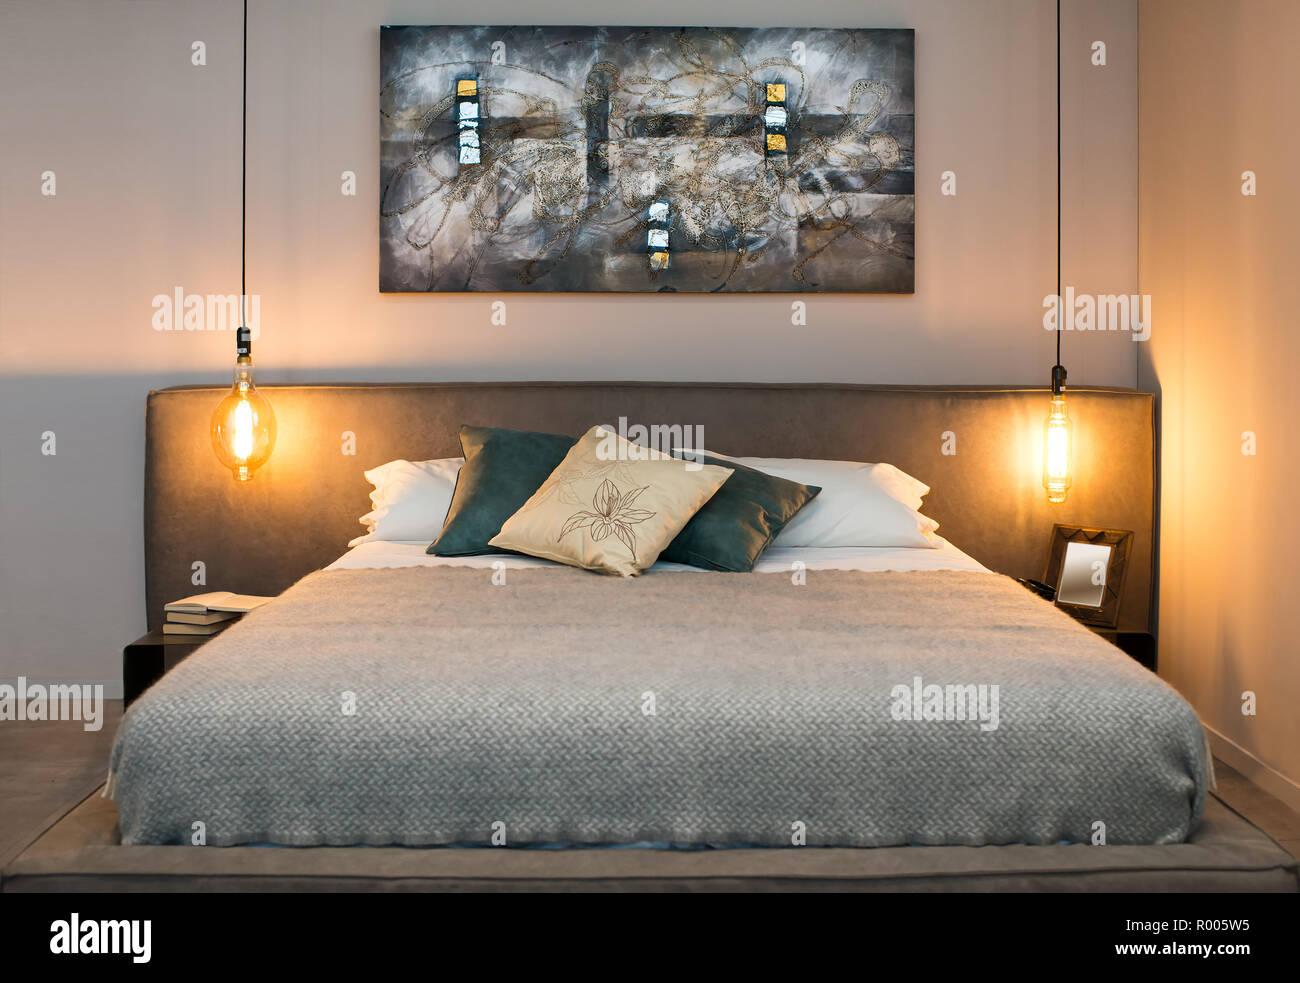 Riscaldare Camera Da Letto concetto di accogliente camera da letto con letto